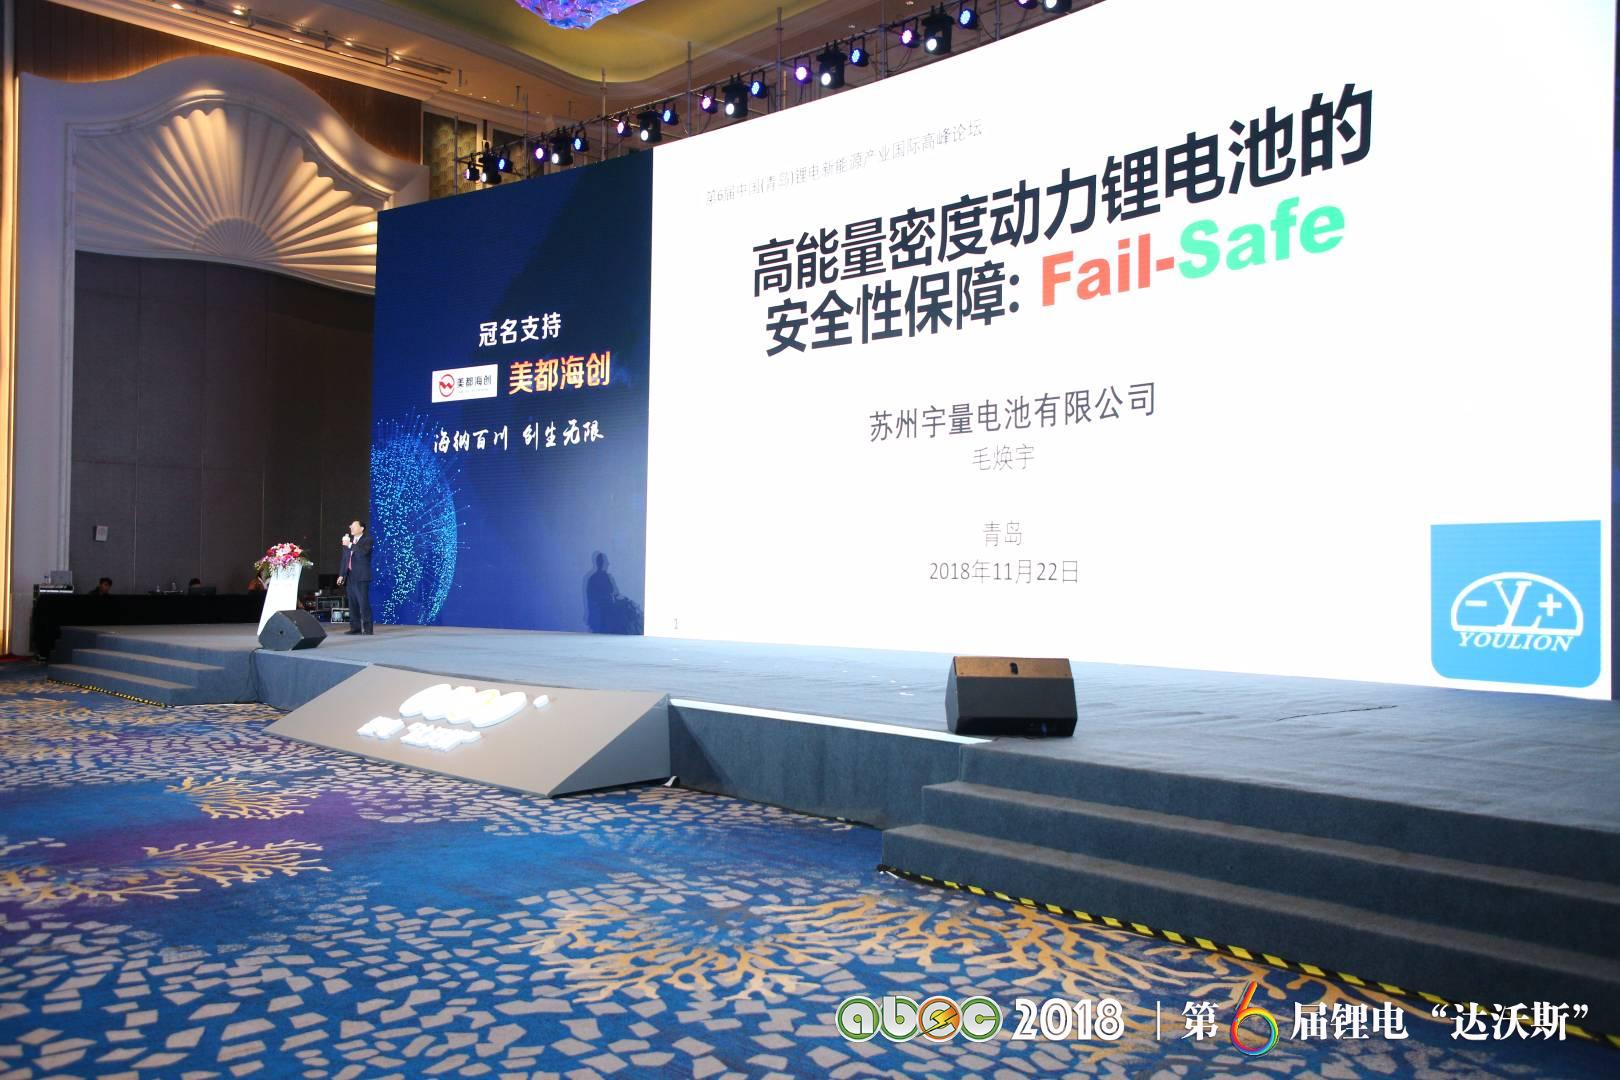 苏州宇量电池有限公司董事长兼总经理毛焕宇